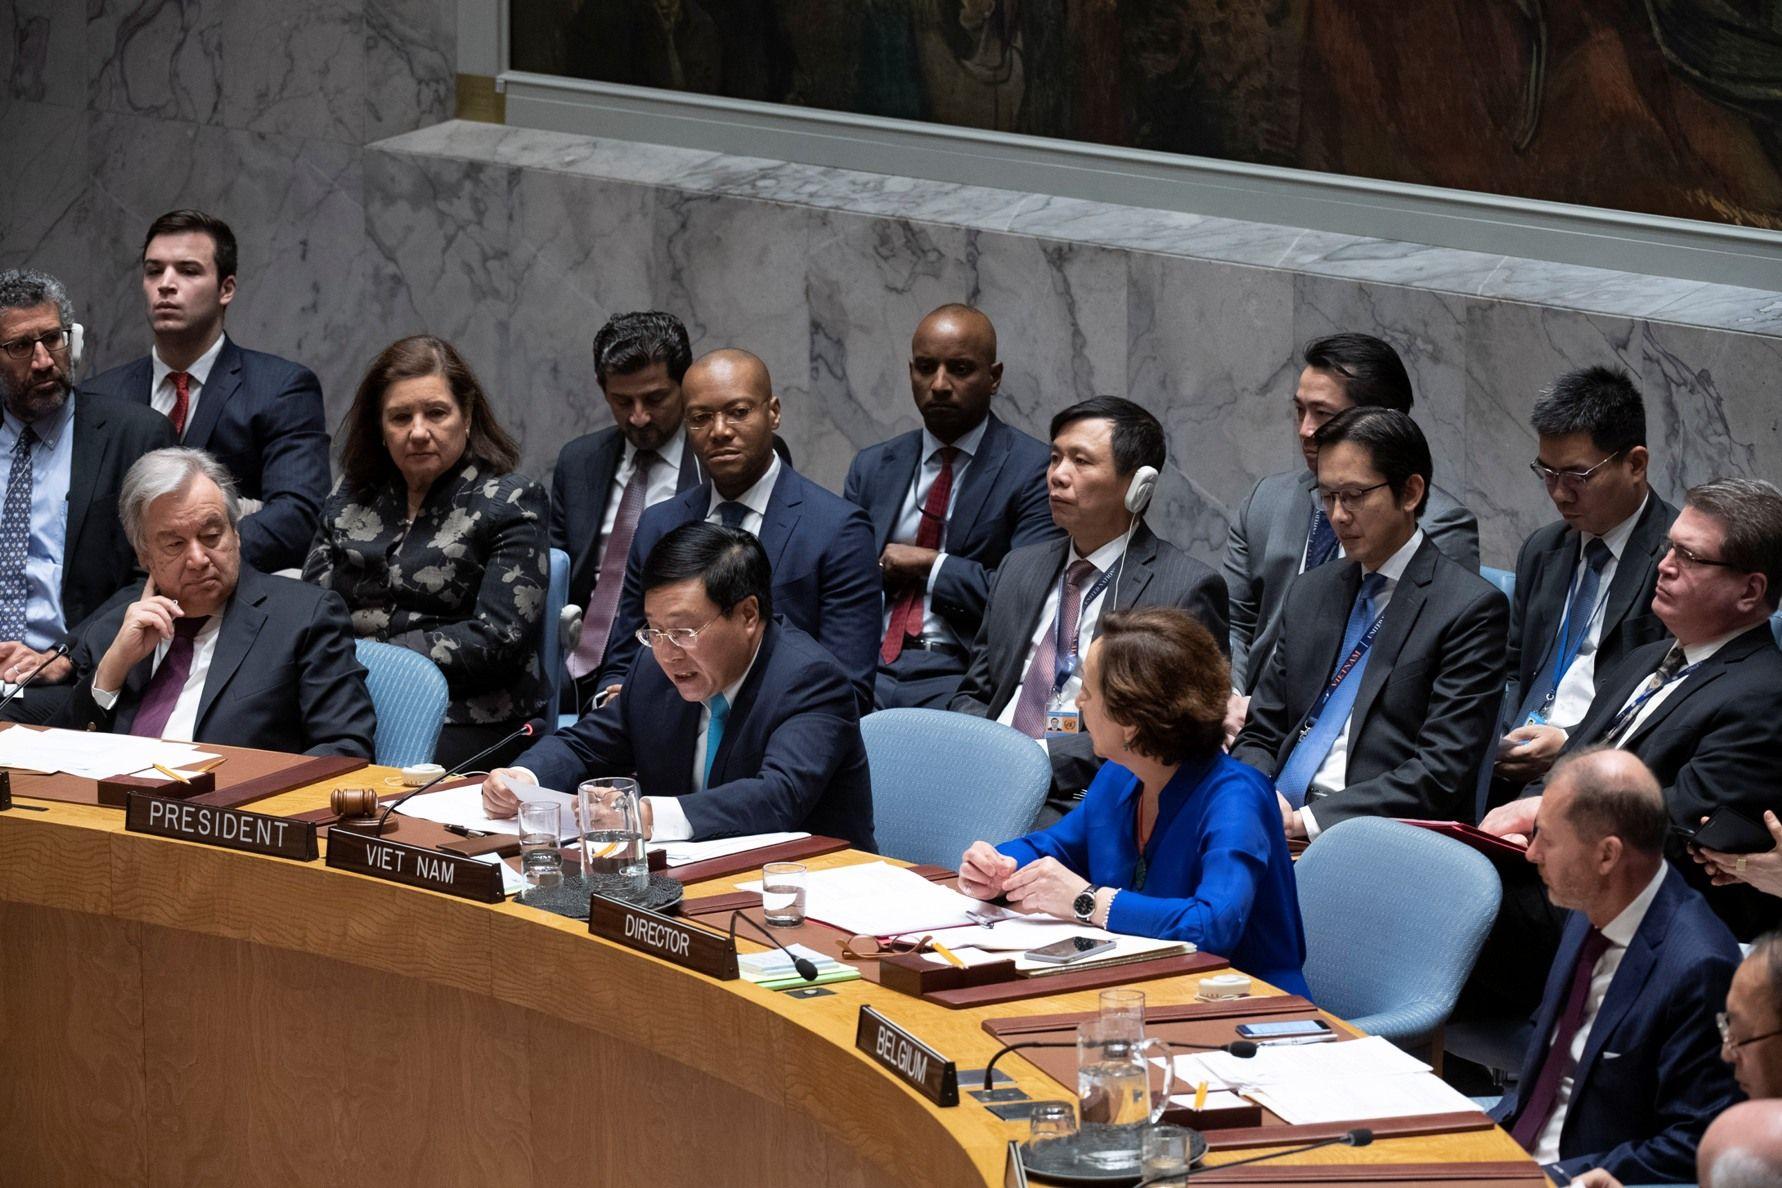 Video Phó Thủ tướng Phạm Bình Minh phát biểu tại phiên thảo luận mở của Hội đồng Bảo an